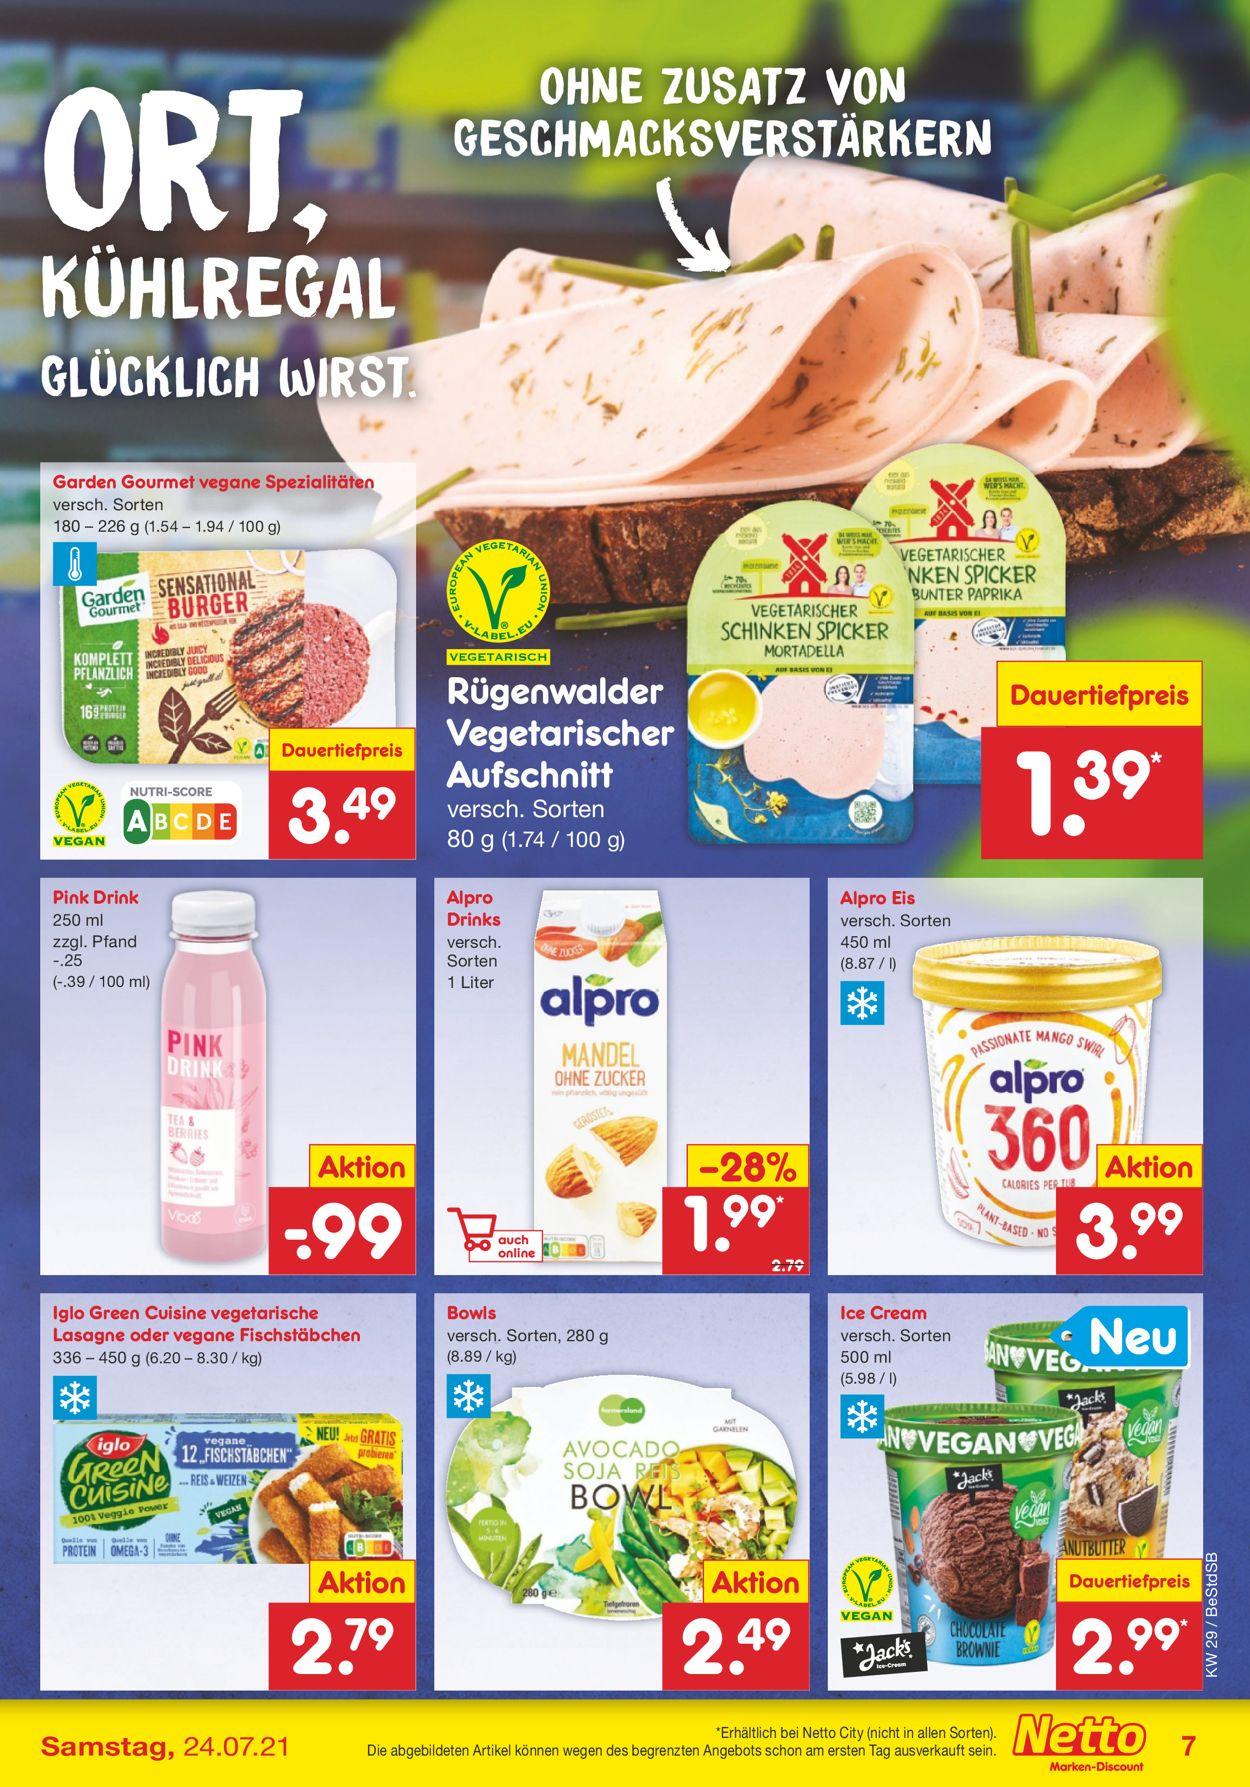 Netto Marken-Discount Prospekt - Aktuell vom 19.07-24.07.2021 (Seite 7)